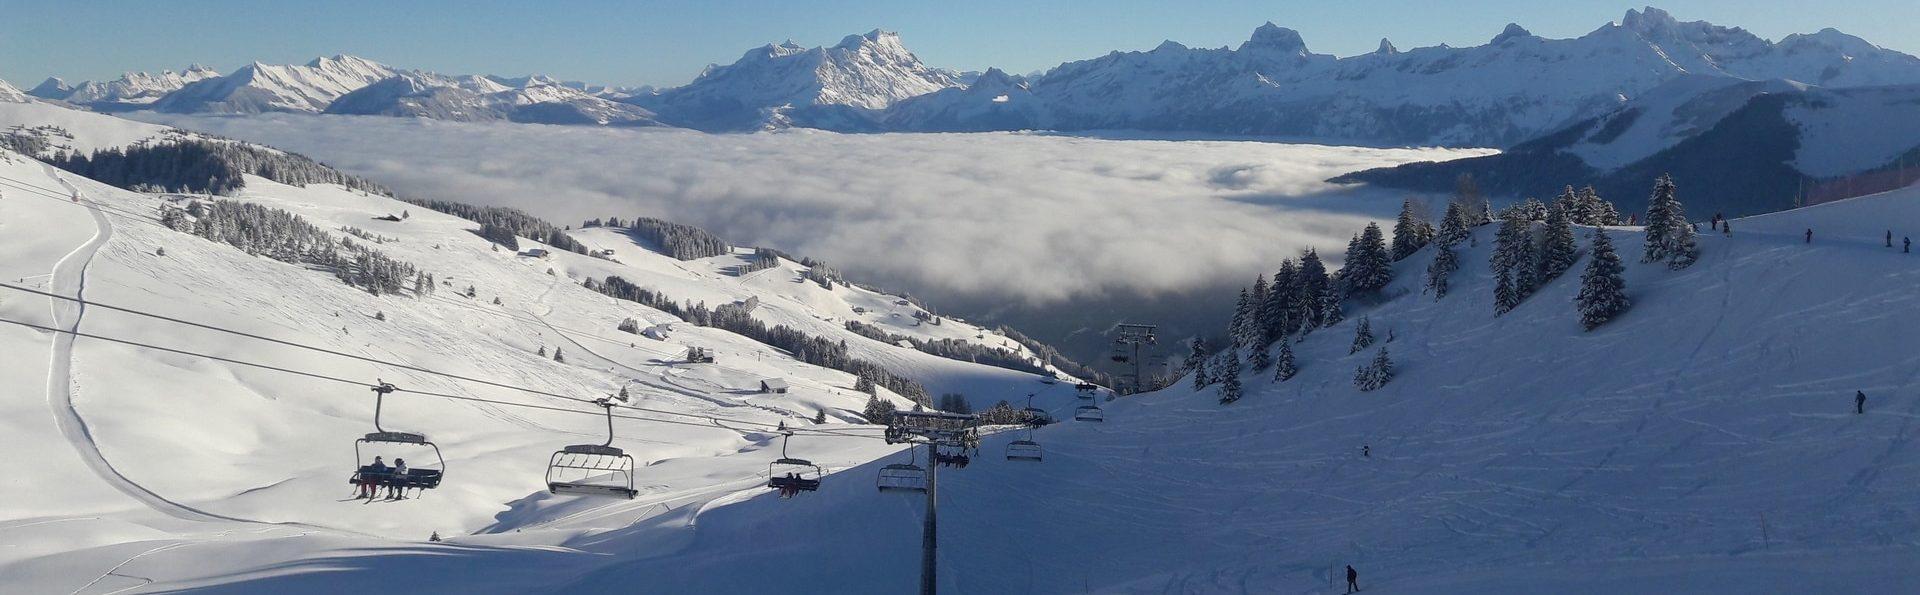 telesiege les portes du soleil suisse